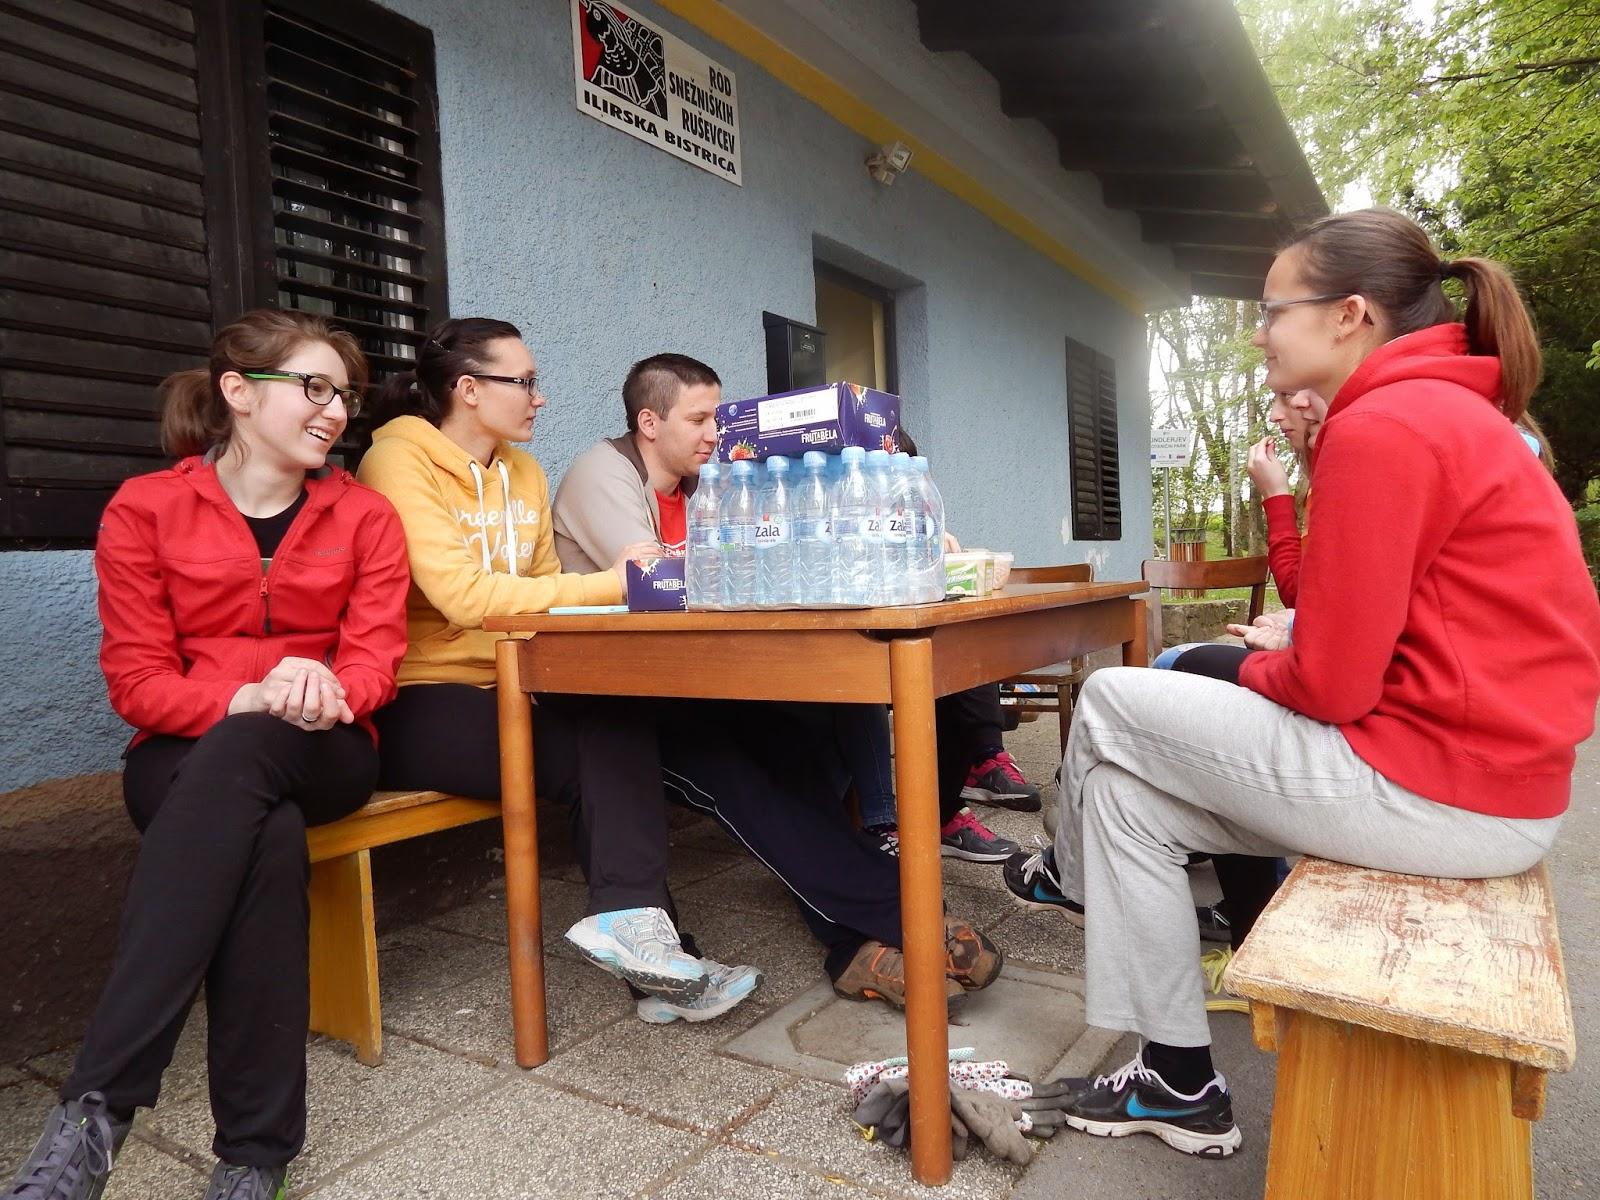 Čistilna akcija 2014, Ilirska Bistrica 2014 - DSCN1607.JPG